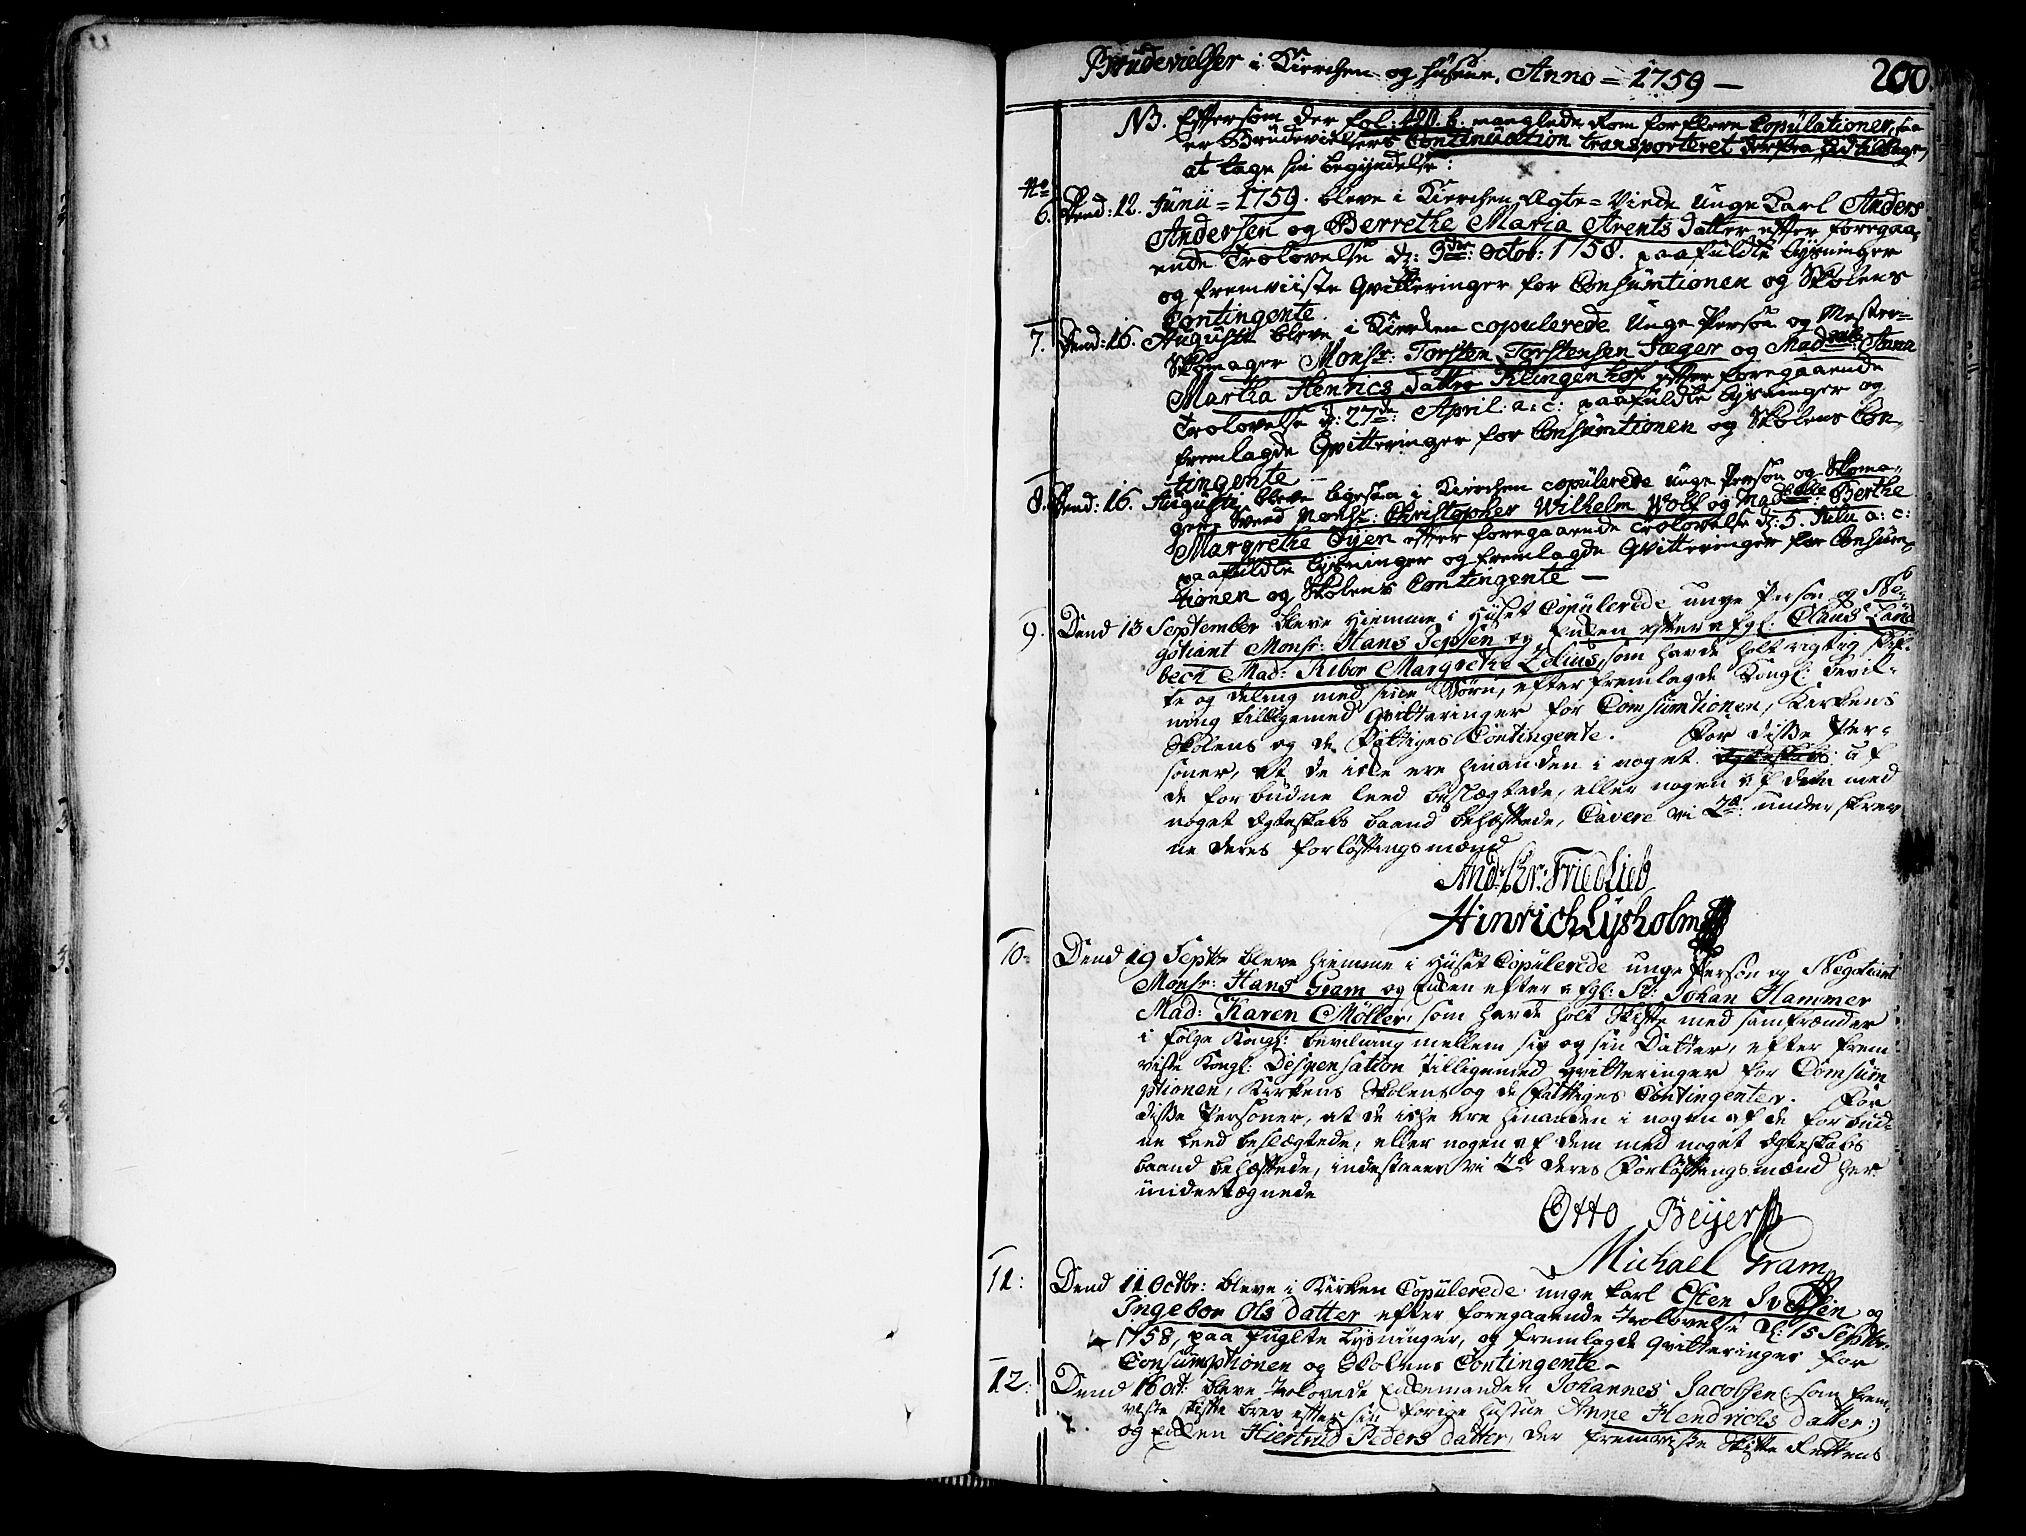 SAT, Ministerialprotokoller, klokkerbøker og fødselsregistre - Sør-Trøndelag, 602/L0103: Ministerialbok nr. 602A01, 1732-1774, s. 200